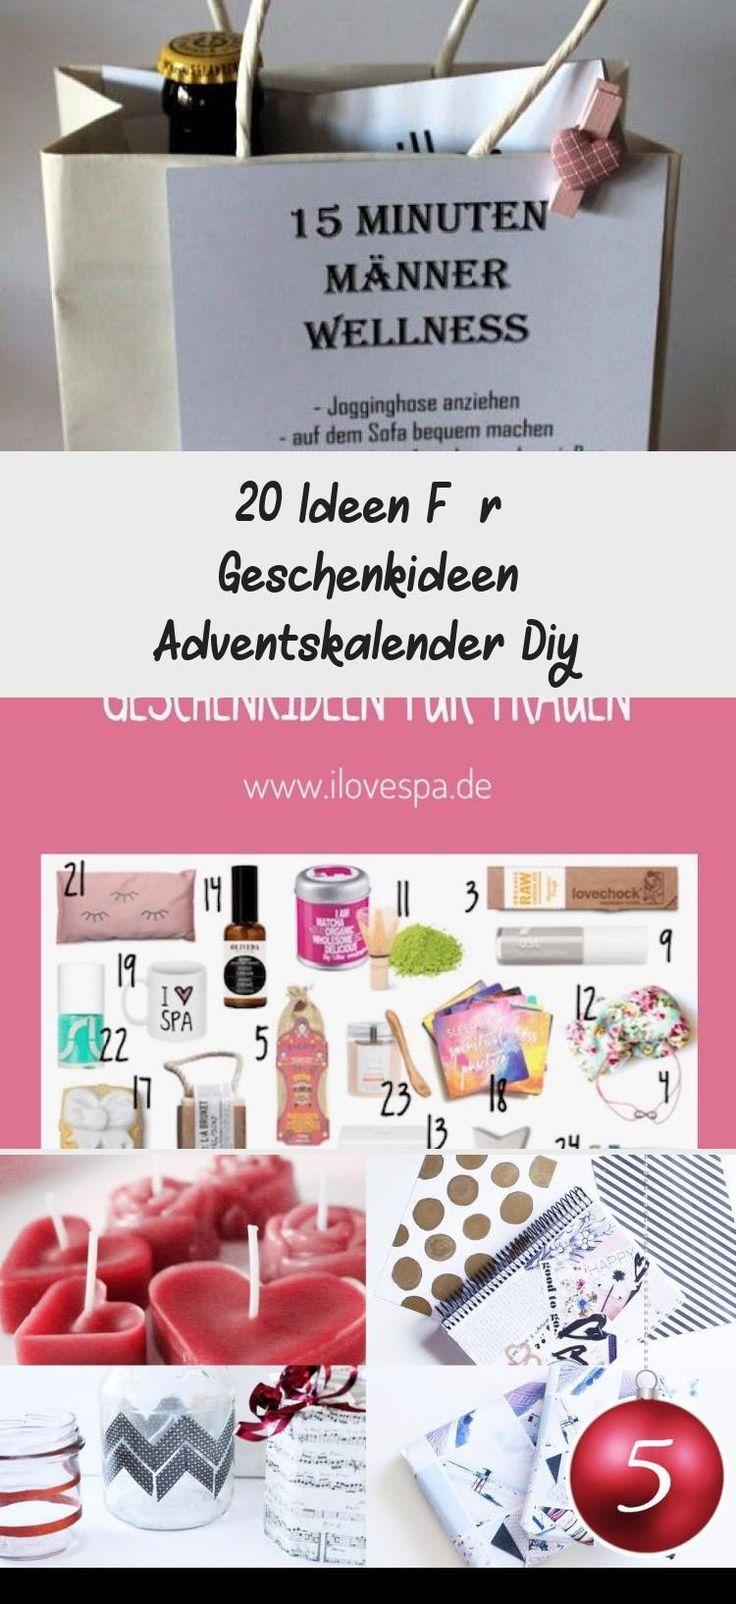 .20 Ideen Für Geschenkideen Adventskalender Diy